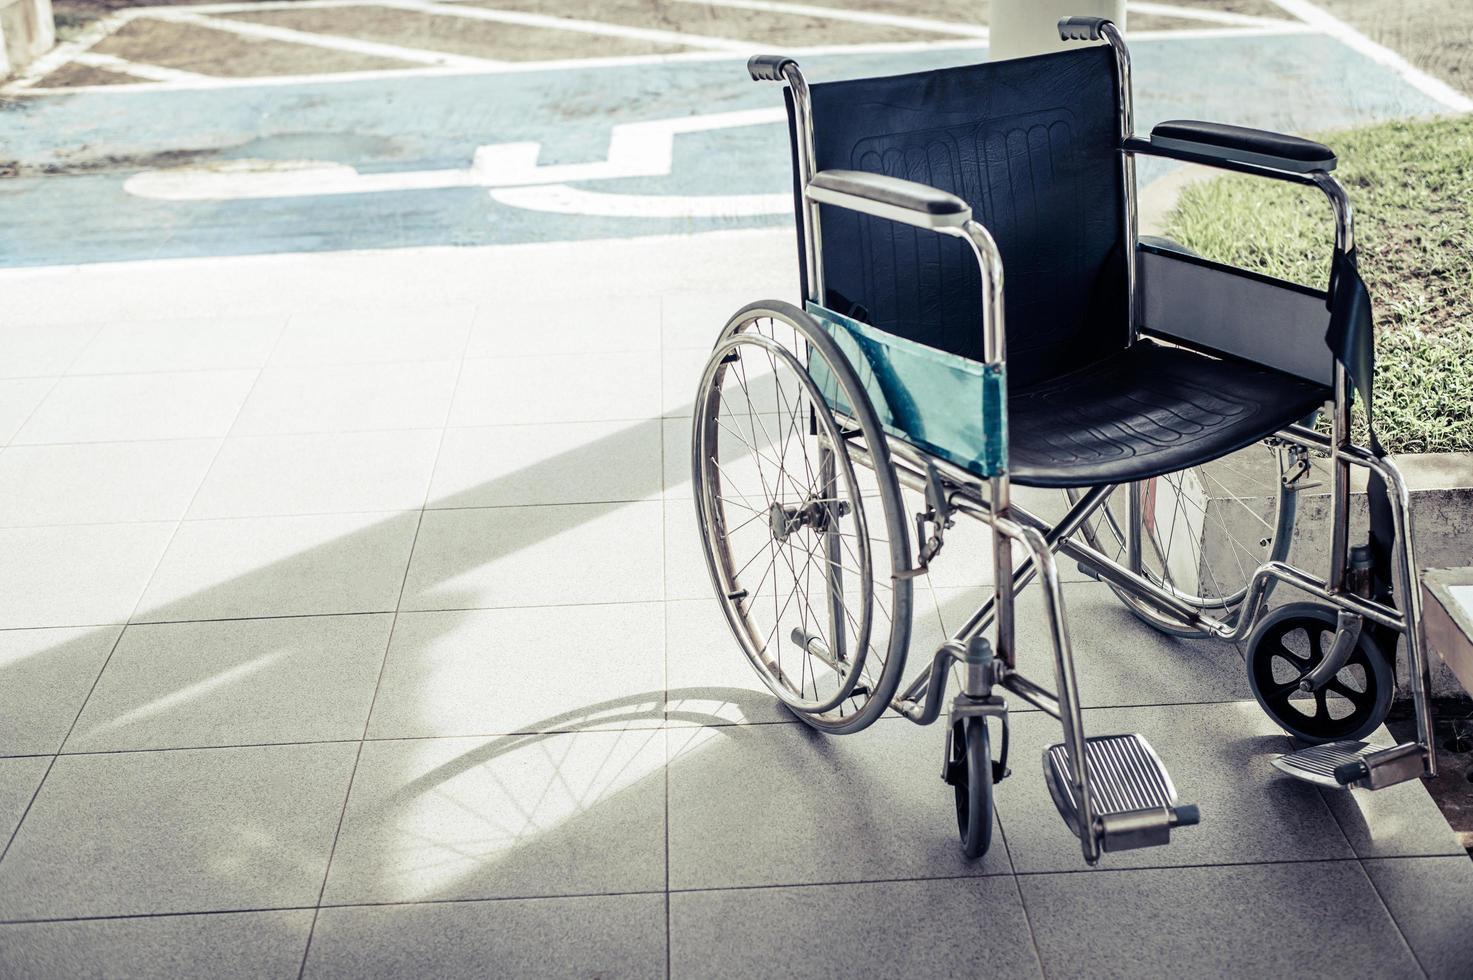 paciente cadeira de rodas estacionada em frente ao hospital foto